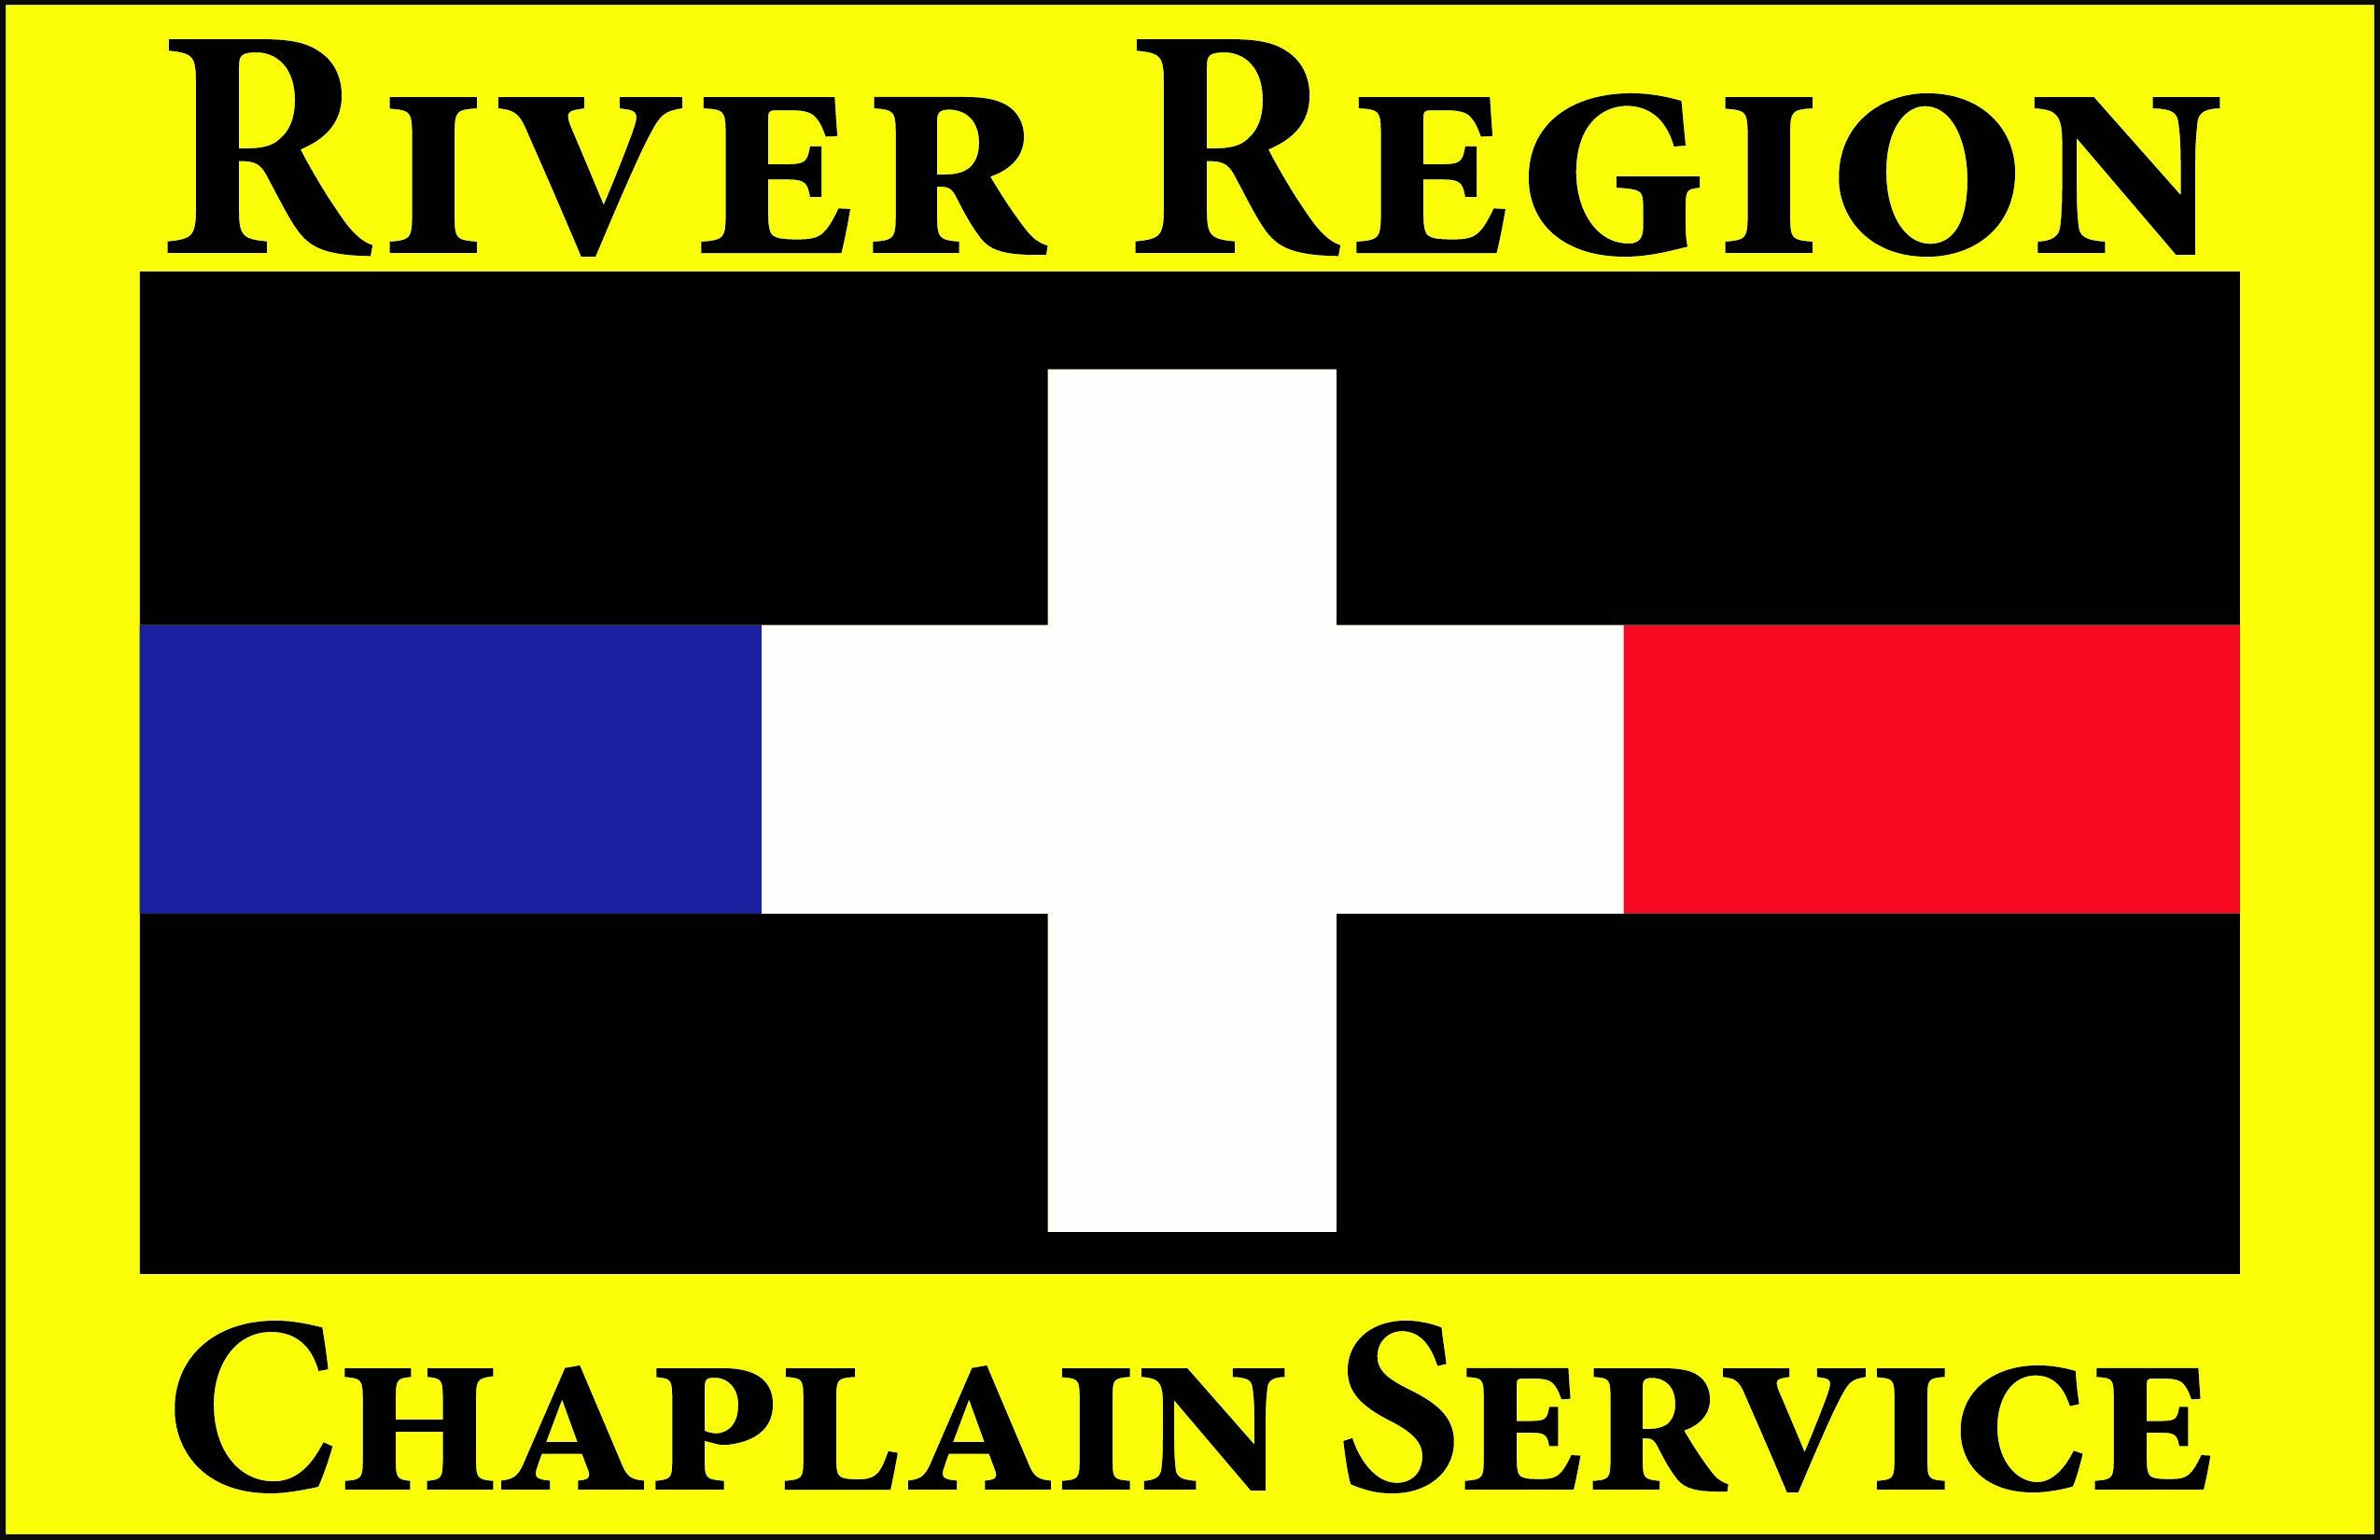 River Region Chaplain Service